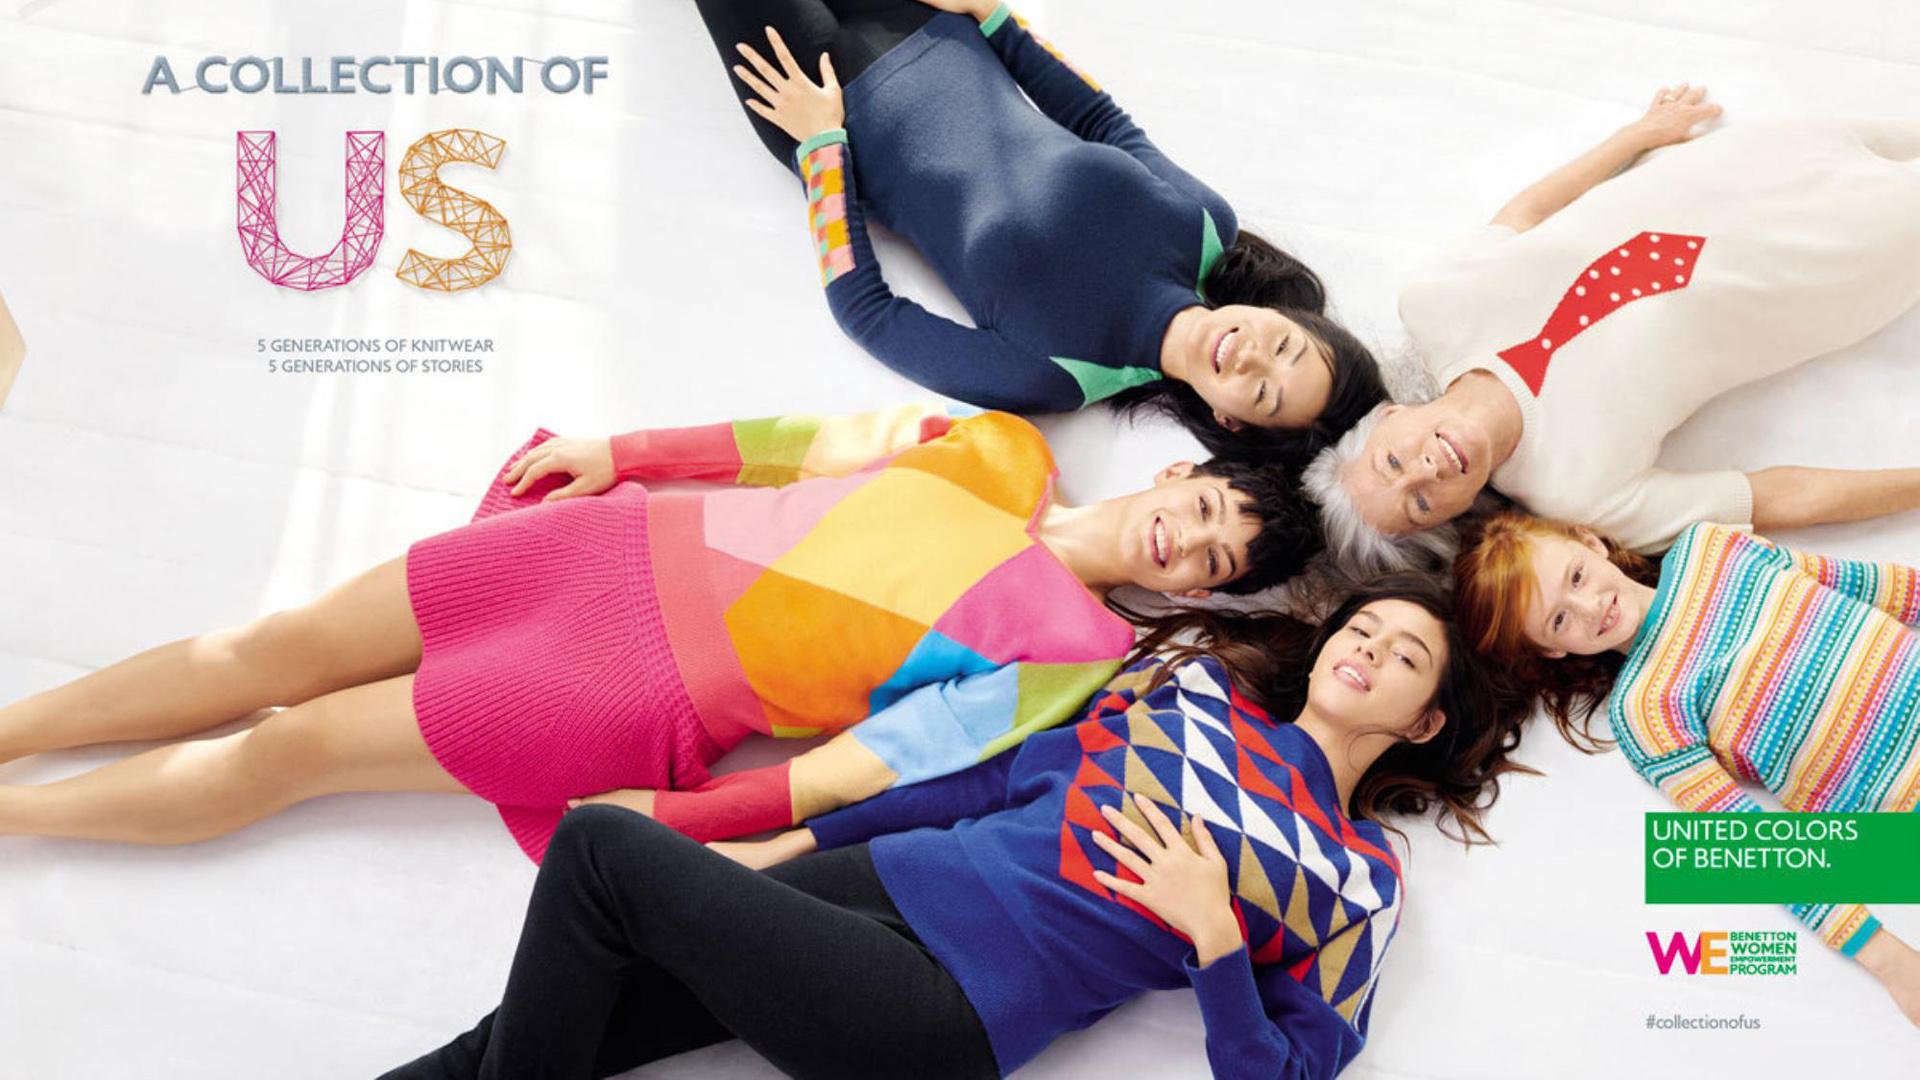 """2015. """"A collection for US"""". Cinco generaciones de tejidos y cinco generaciones de historia. Así es la campaña de Benetton. Desde niños hasta abuelos, toda la familia se puede vestir en Benetton. Todos los talles, todos los modelos y todos los colores. Una de las marcas internacionales que promueve la inclusión desde los años 80"""